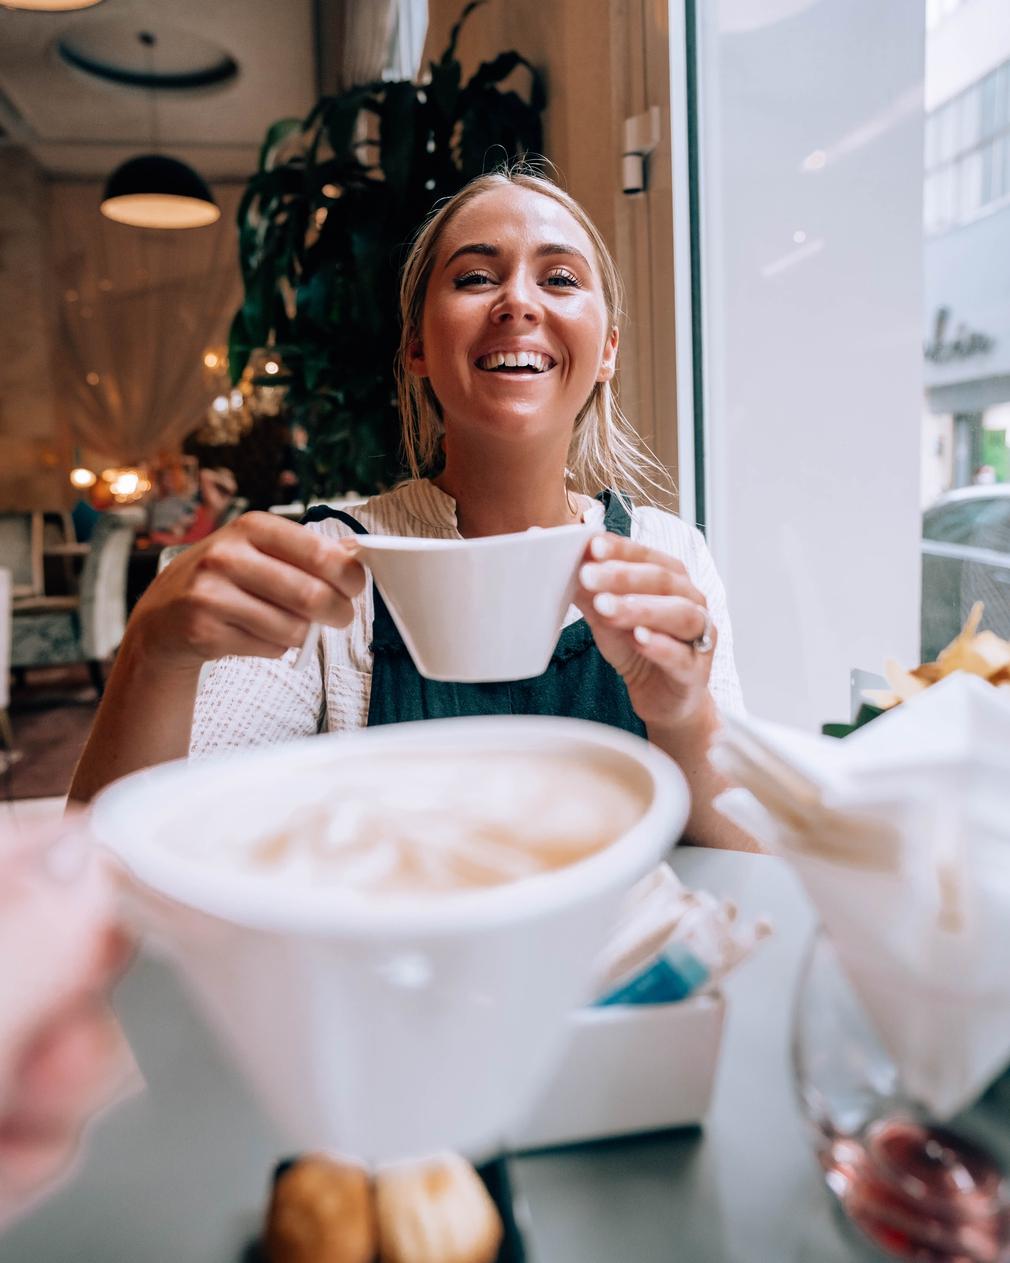 Coffee at Hotel de l'Opera Hanoi